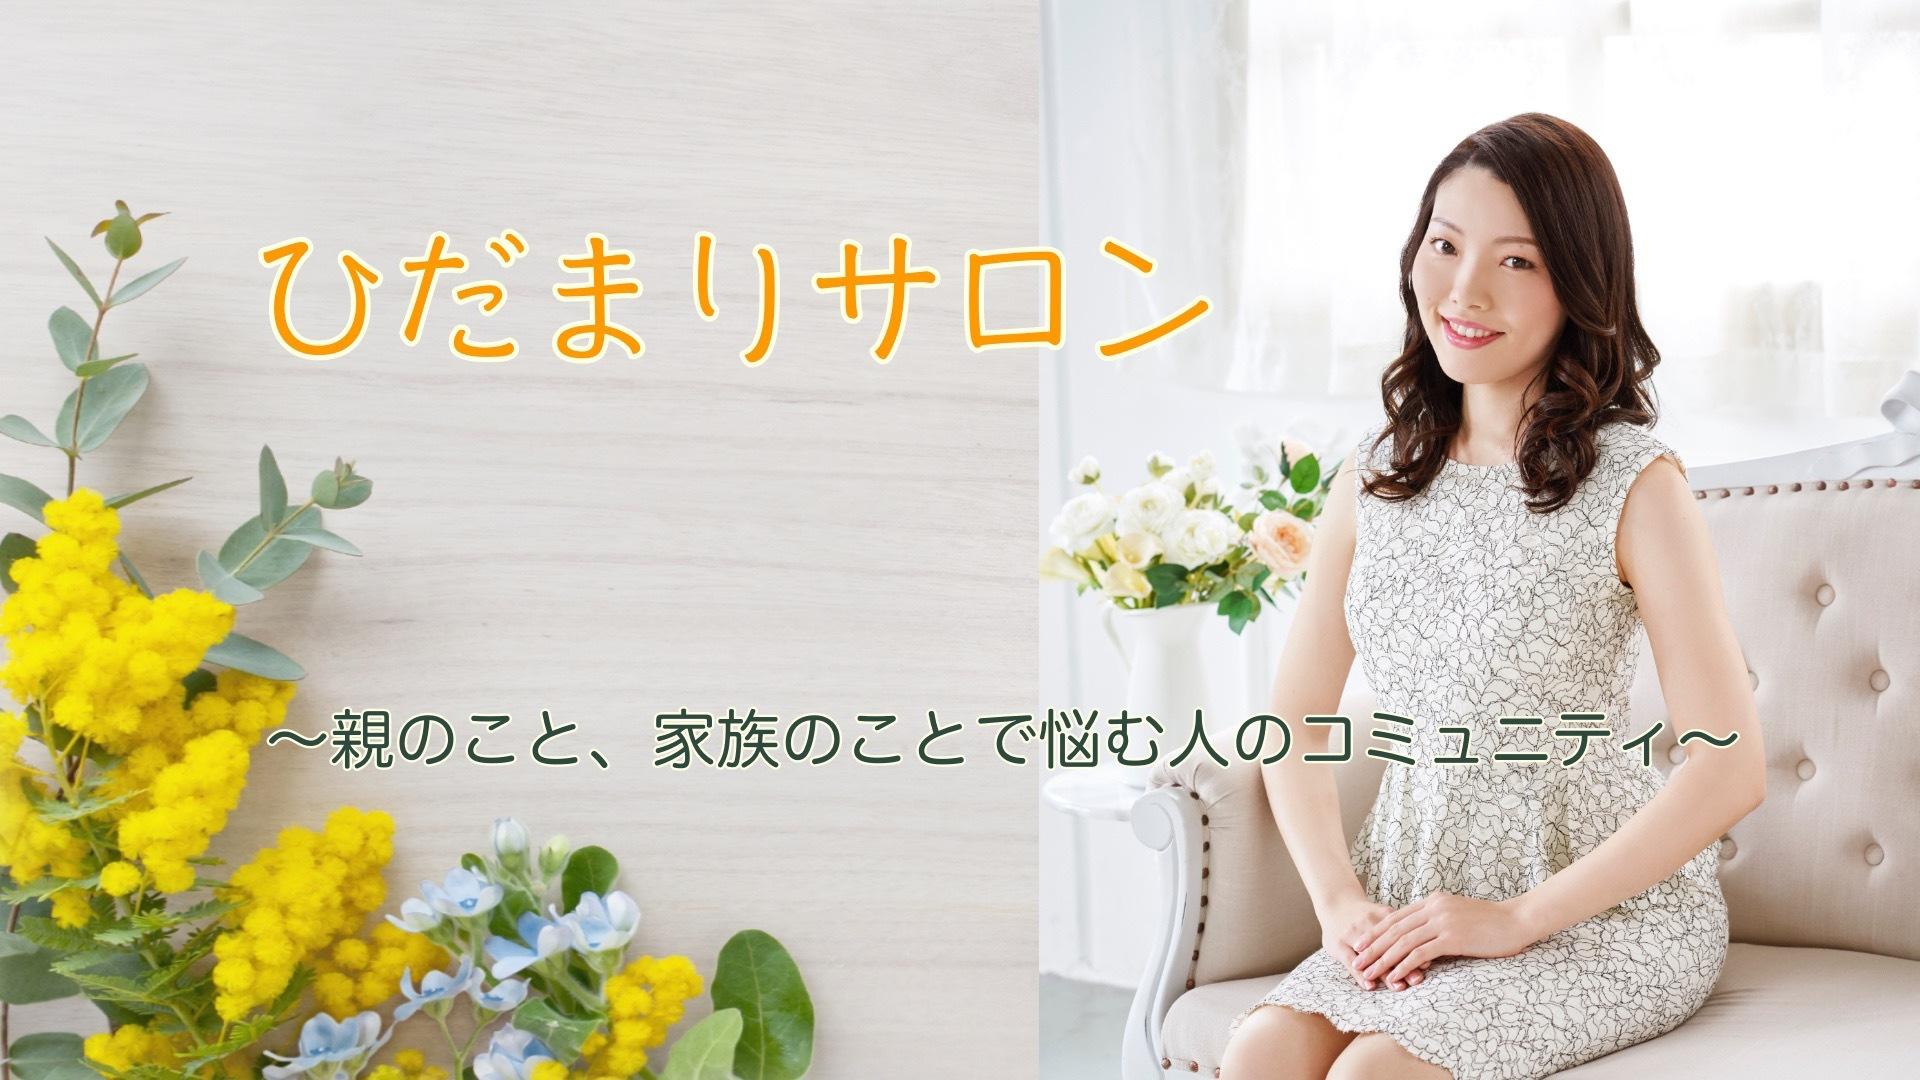 宮澤那名子 - ひだまりサロン〜親のこと、家族のことで悩む人のコミュニティ〜 - DMM オンラインサロン